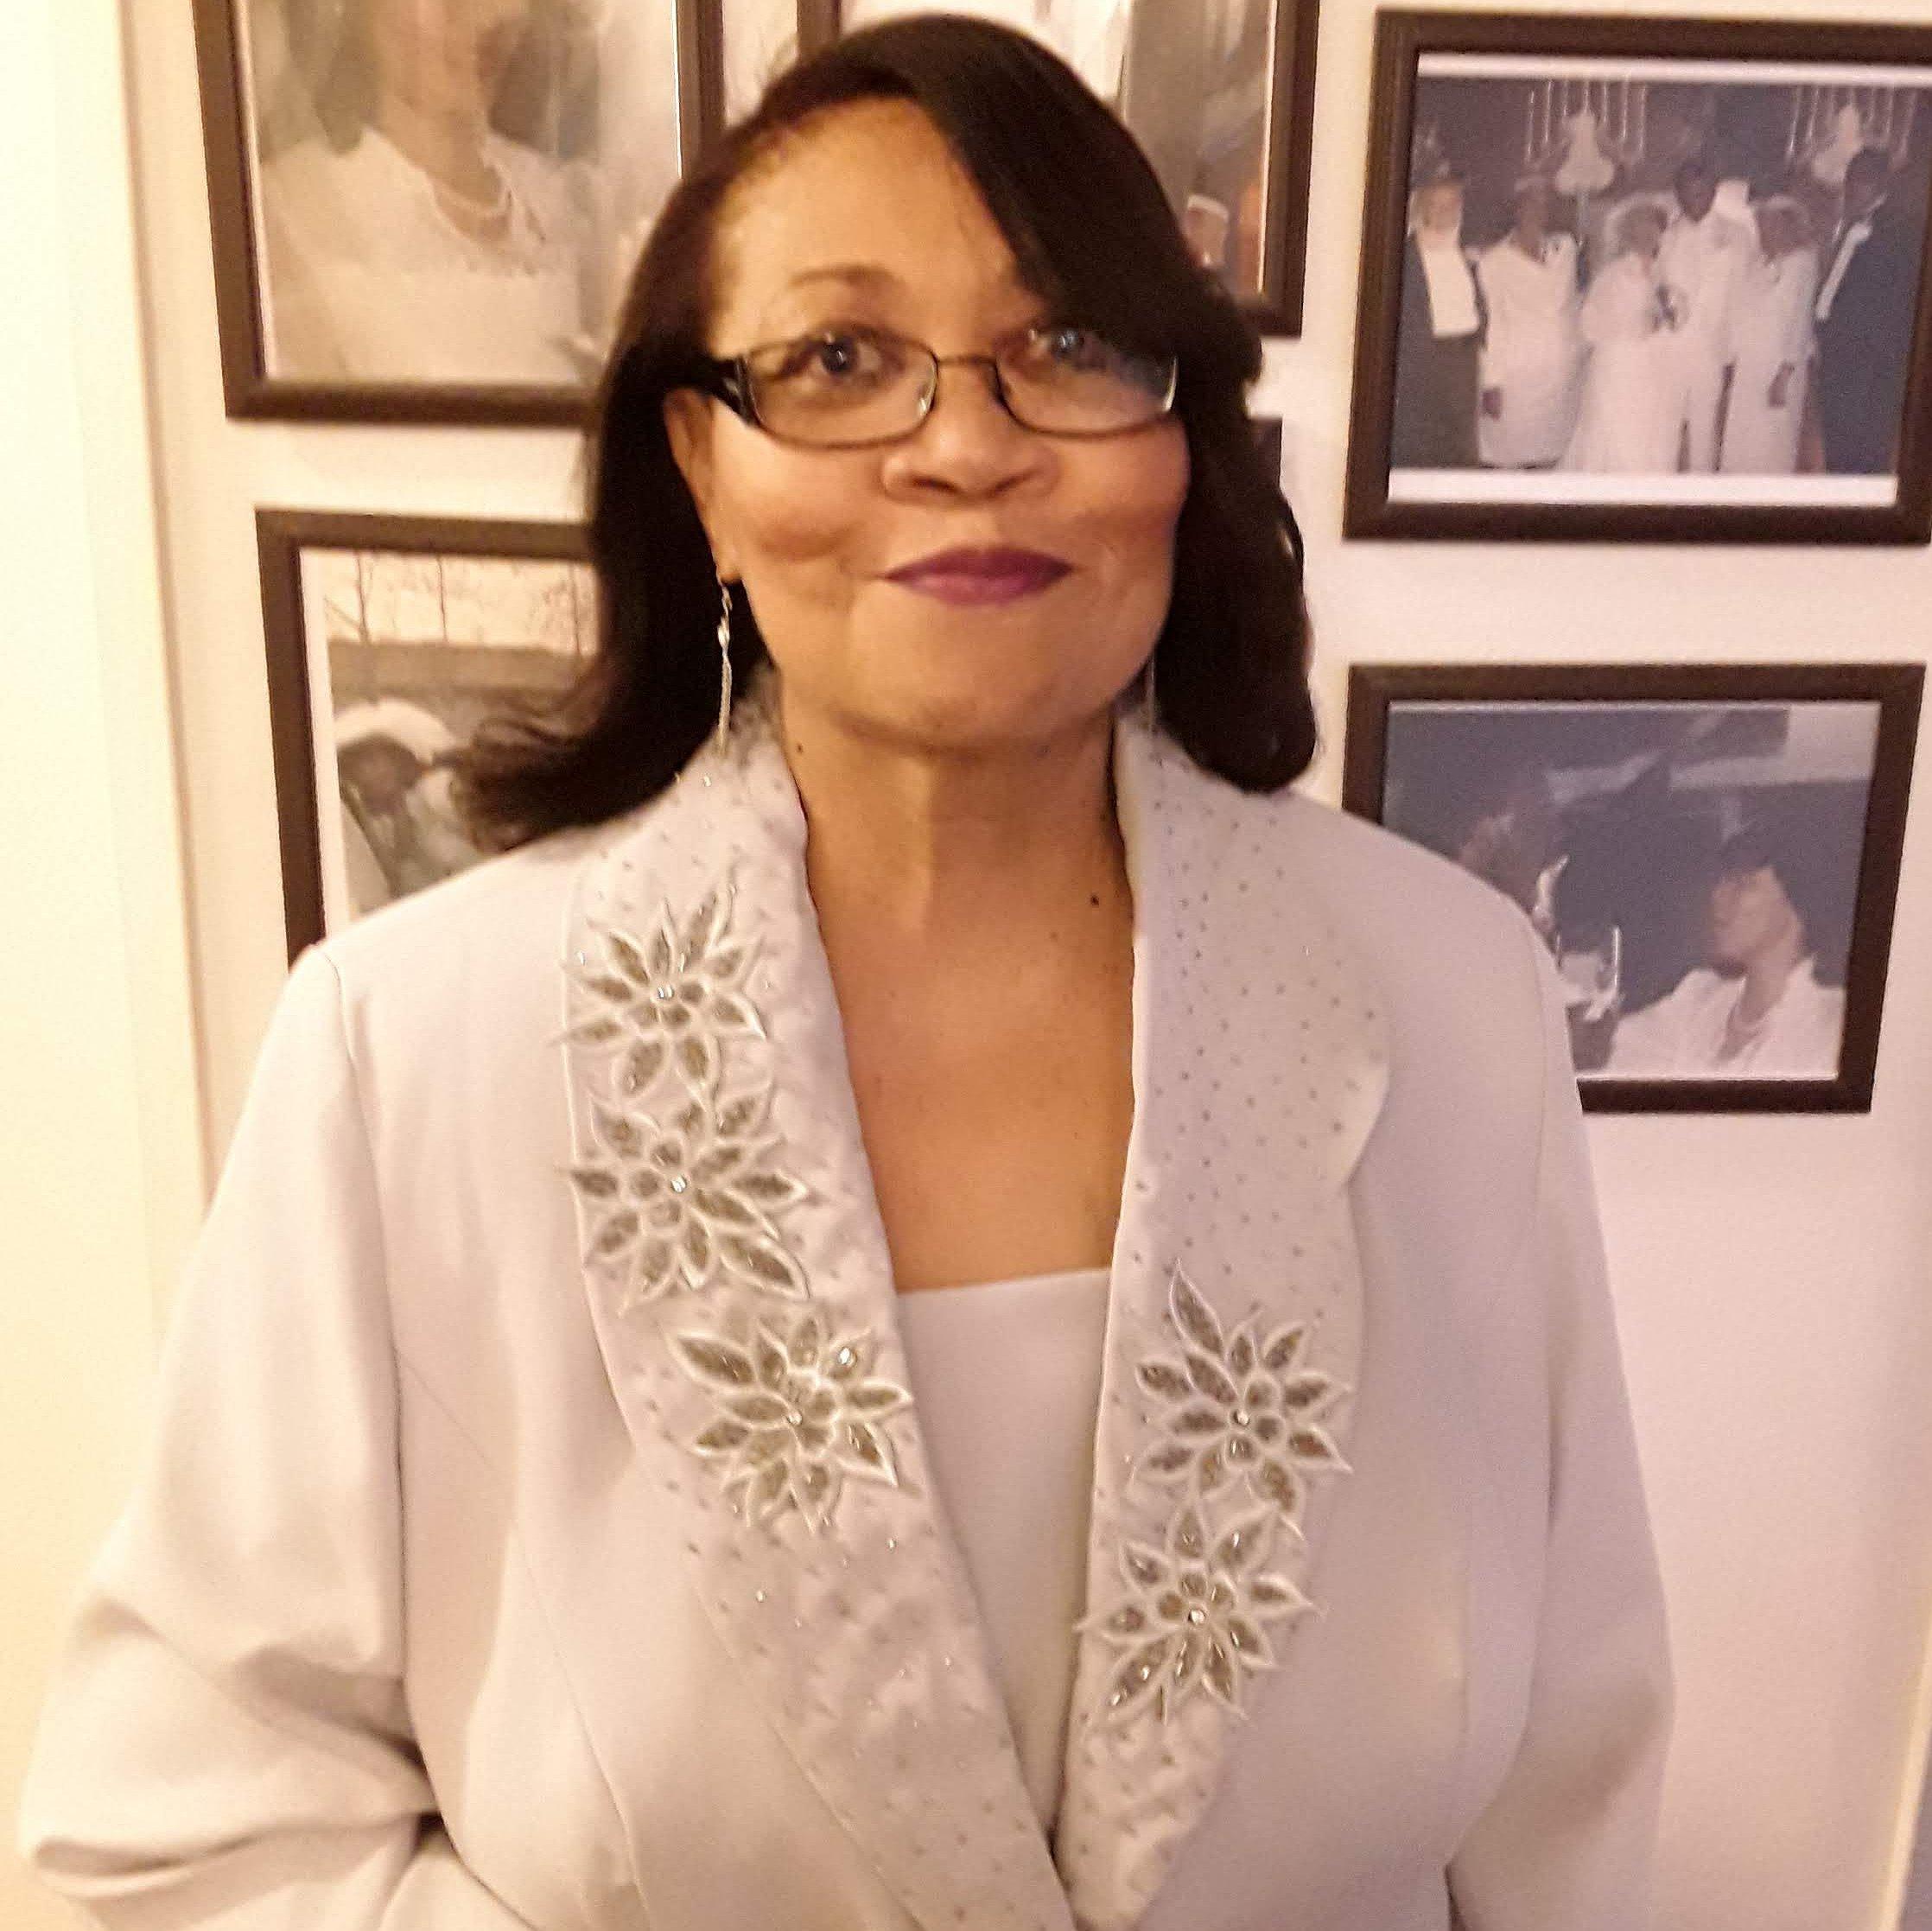 Cynthia Freeman-Jackson